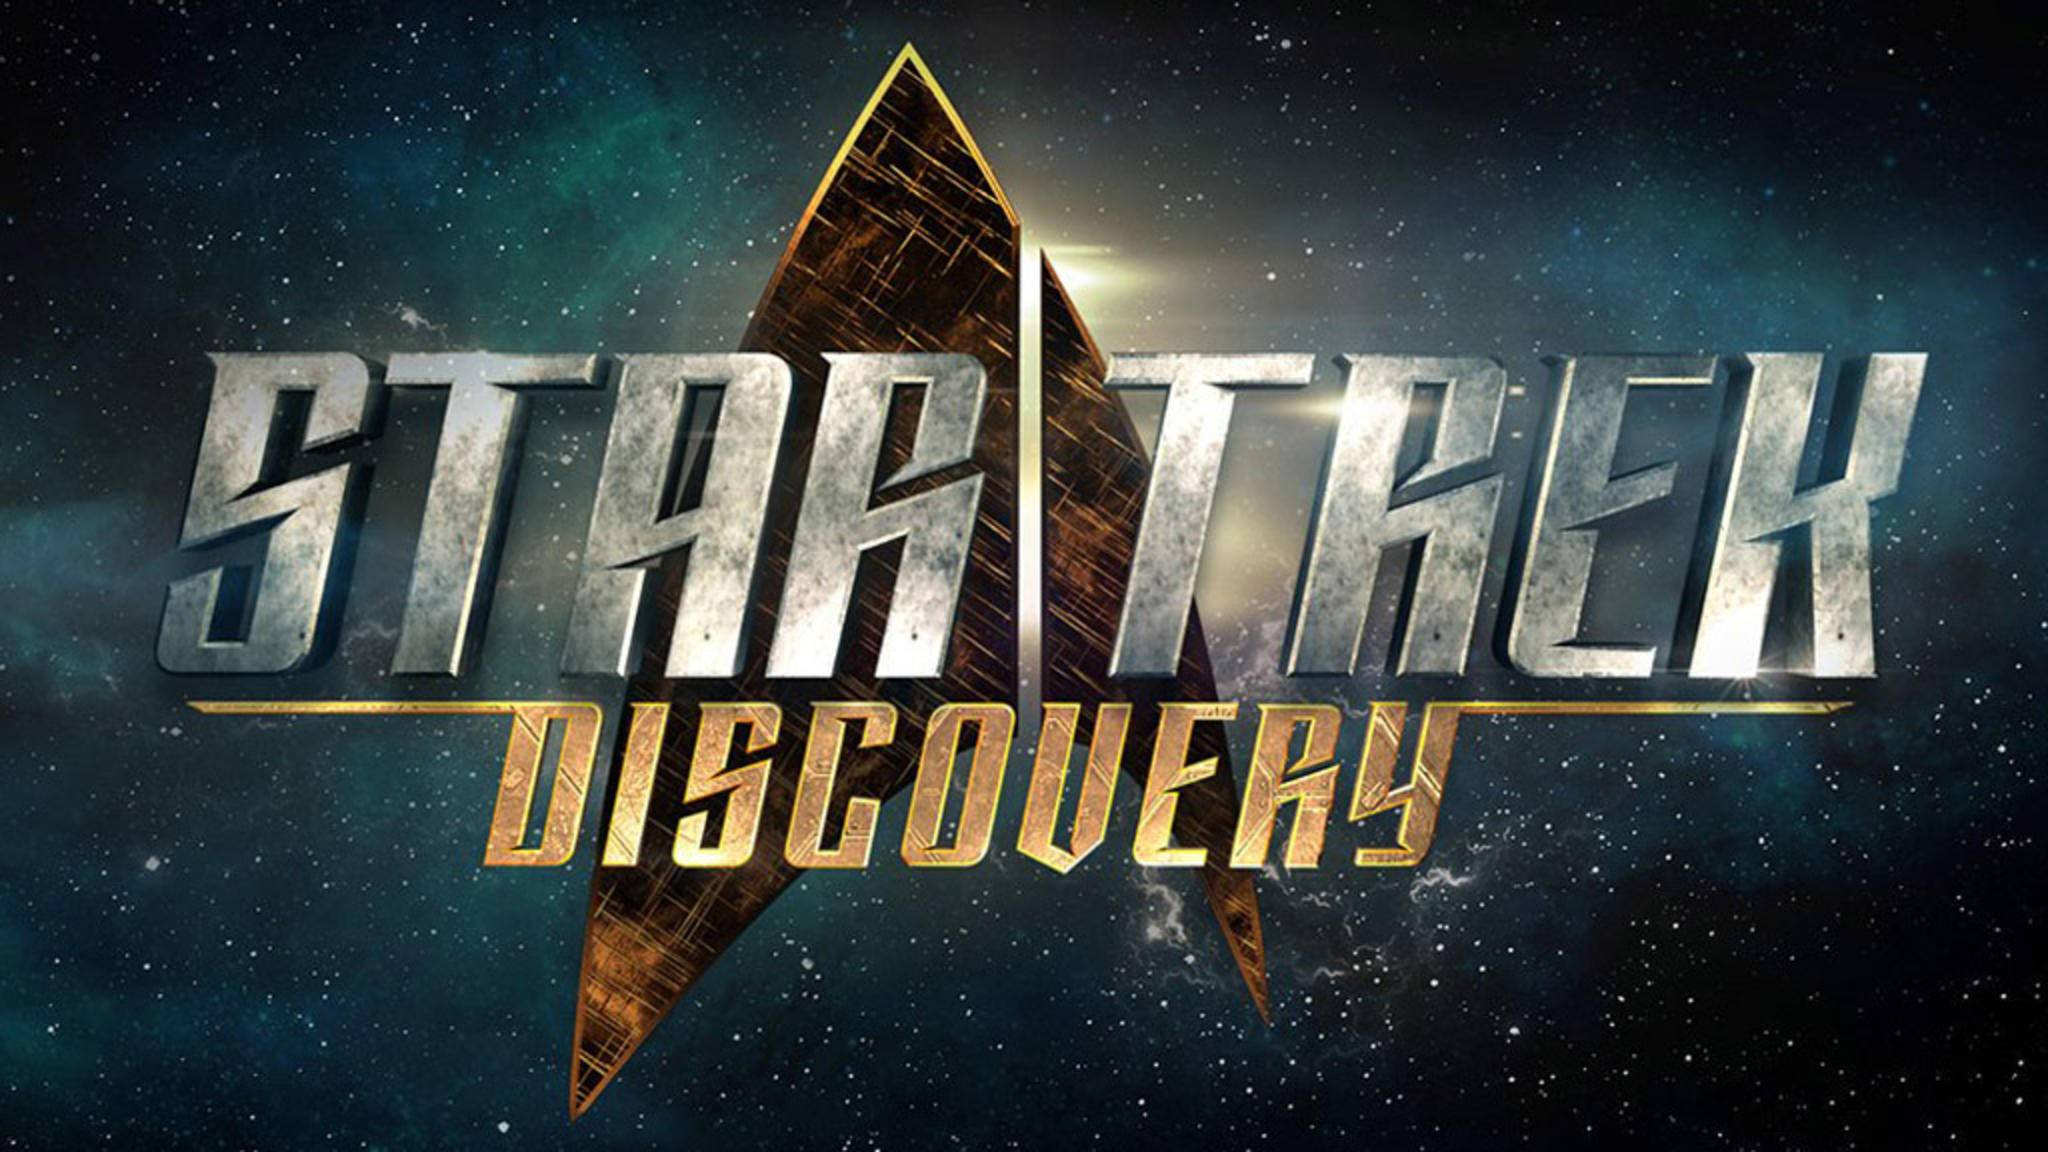 Seit Herbst 2017 erkundet die Crew der Discovery das Weltall.